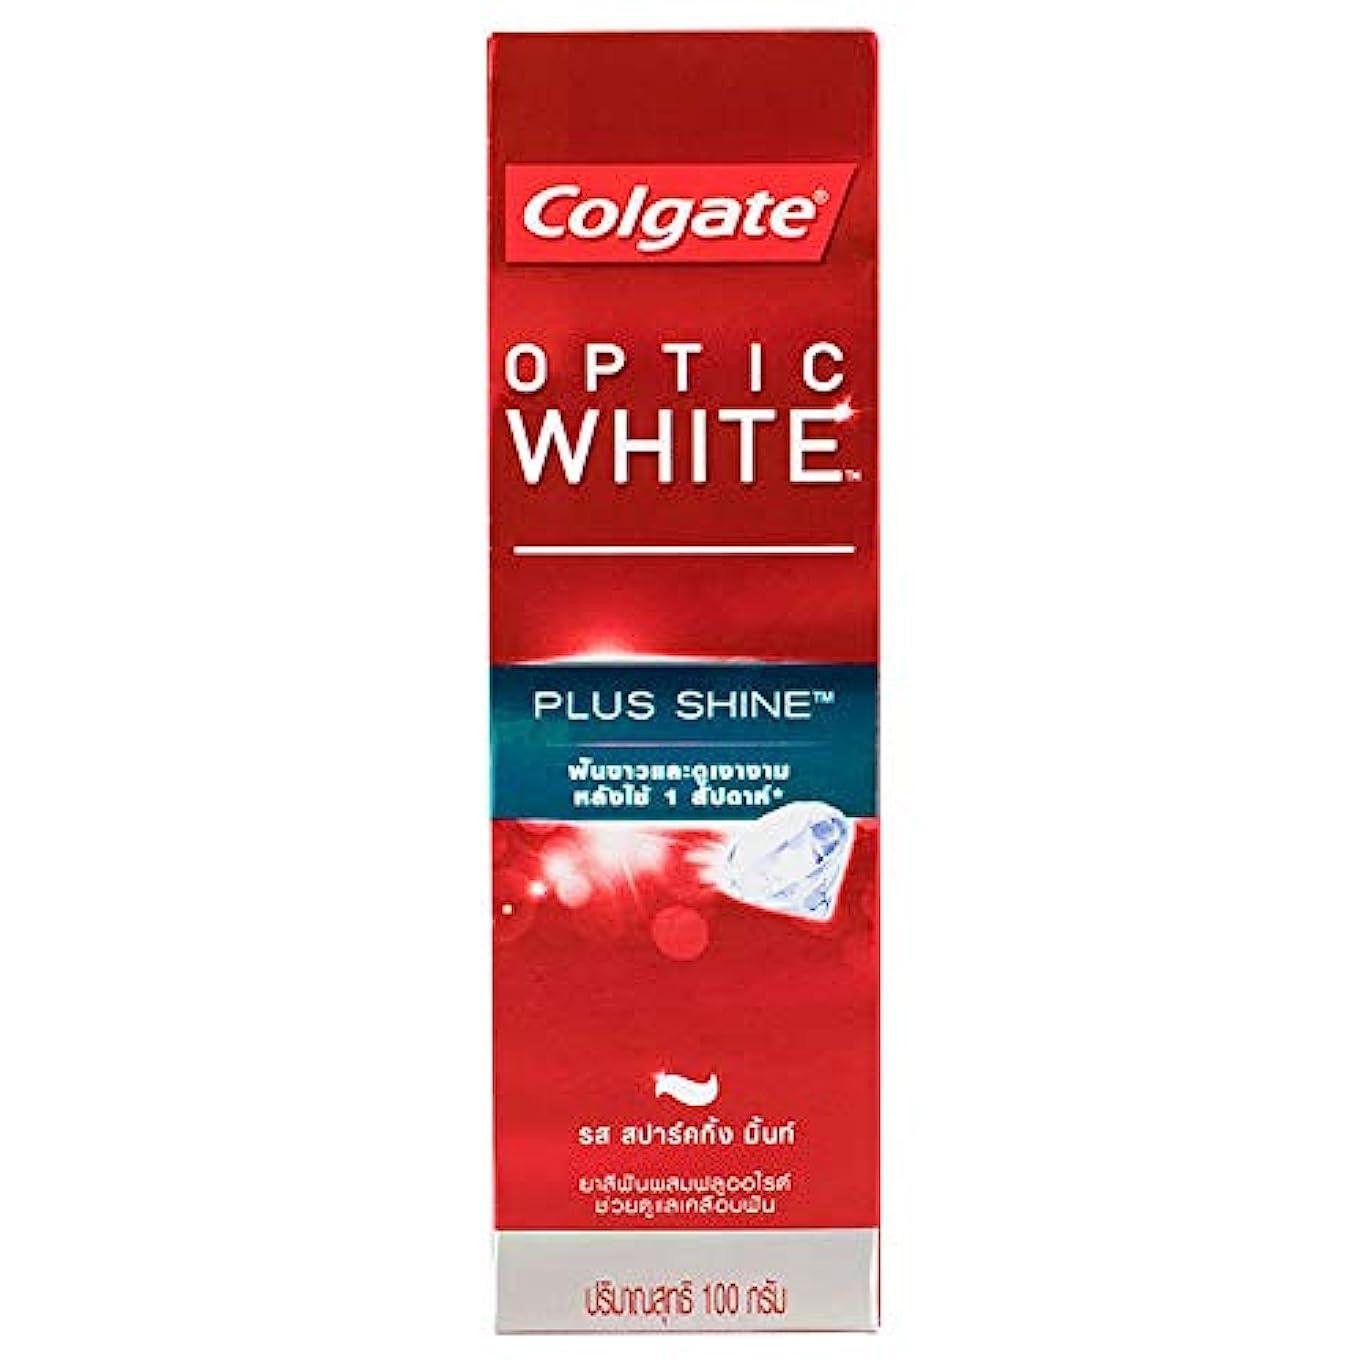 距離別々に記念日(コルゲート)Colgate 歯磨き粉 「オプティック ホワイト 」 (プラス シャイン)